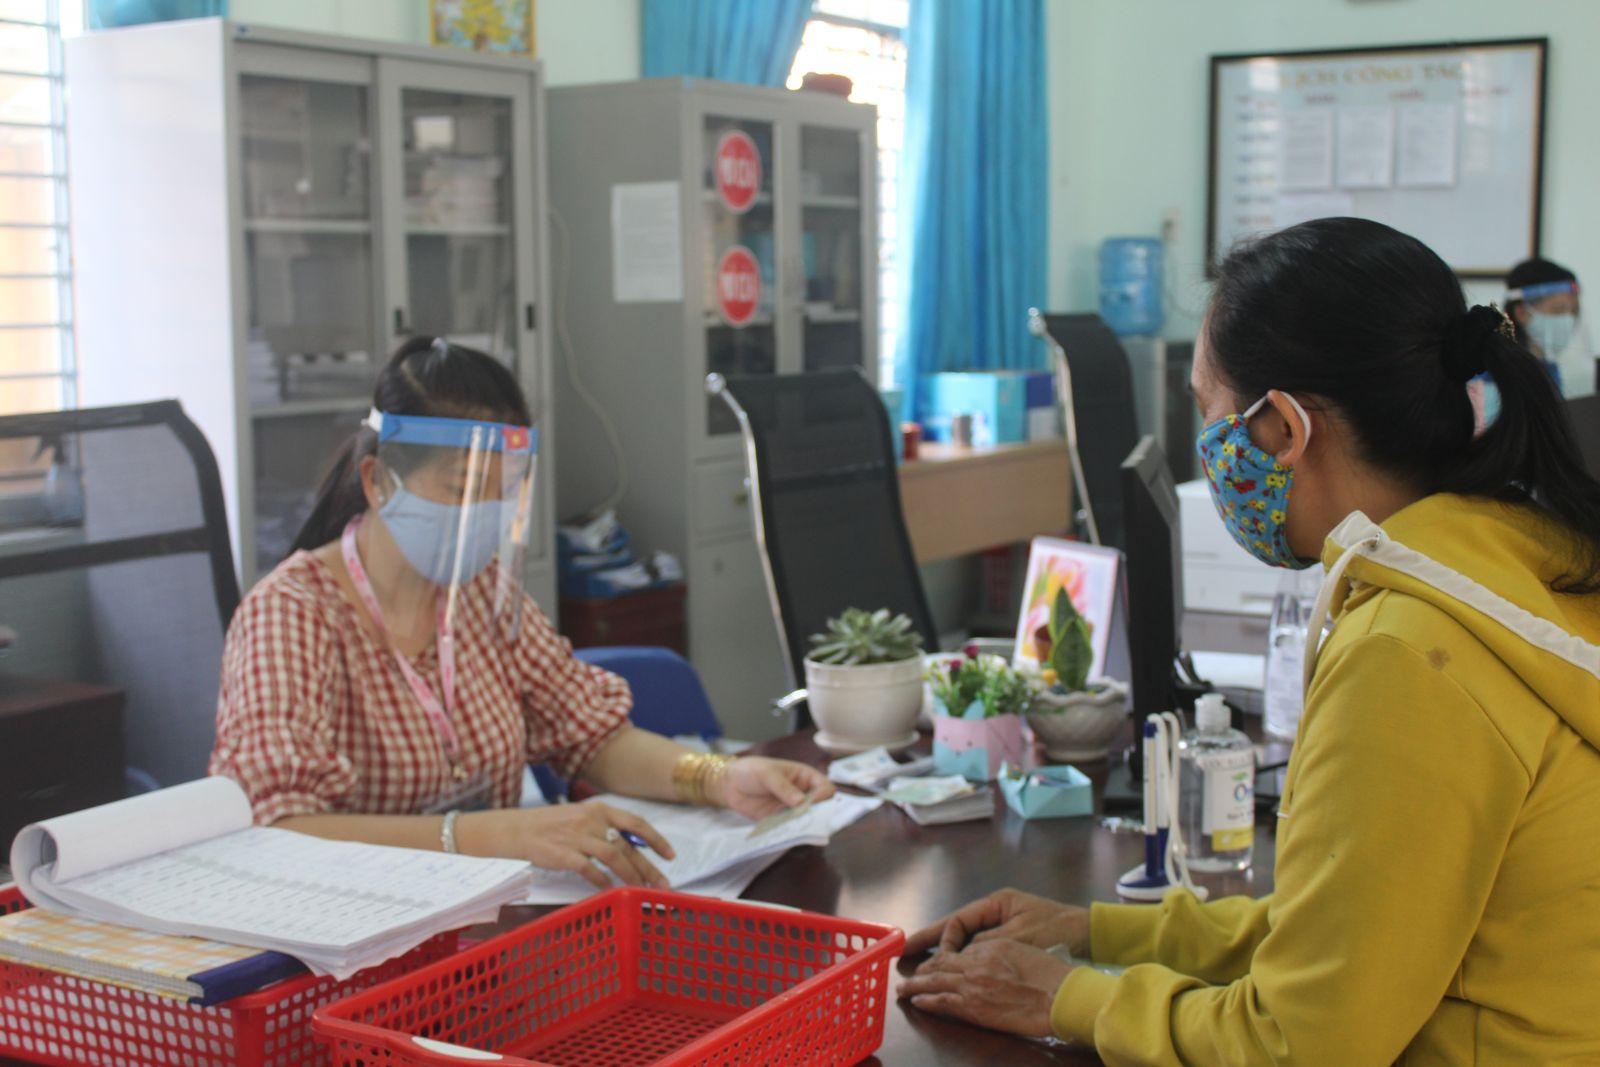 Người dân đến làm việc bắt buộc phải đo thân nhiệt, đeo khẩu trang và rửa tay sát khuẩn